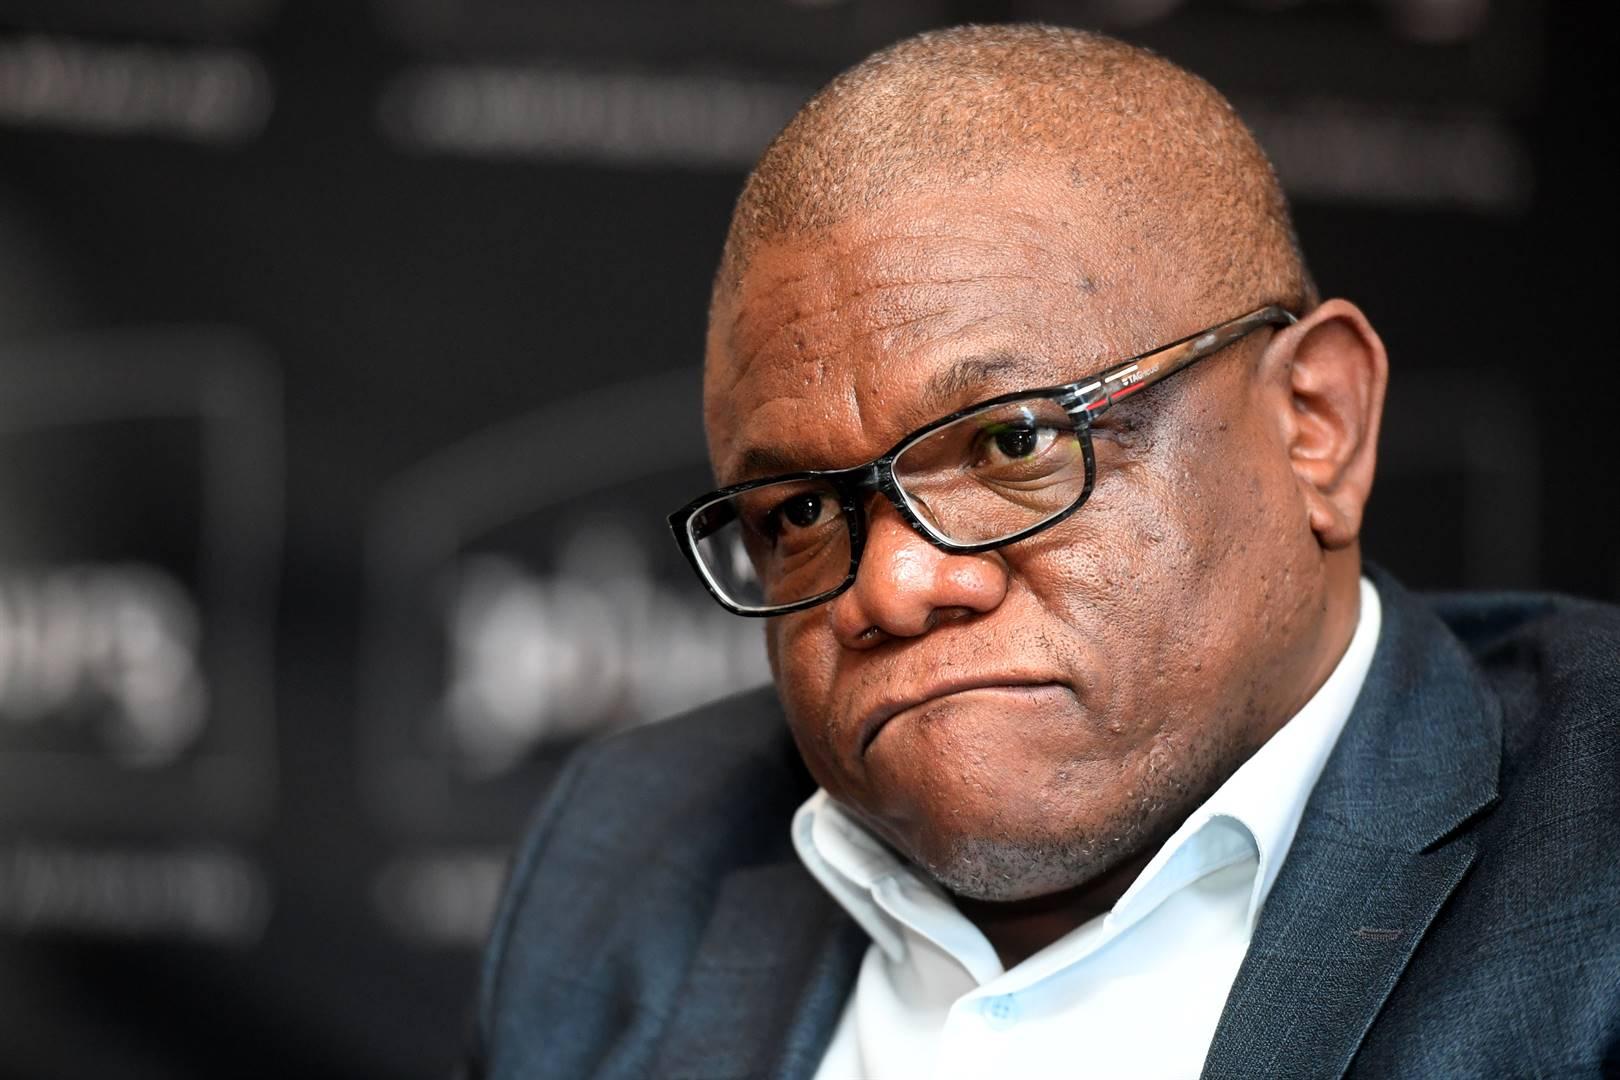 City of Johannesburg mayor Geoff Makhubo.